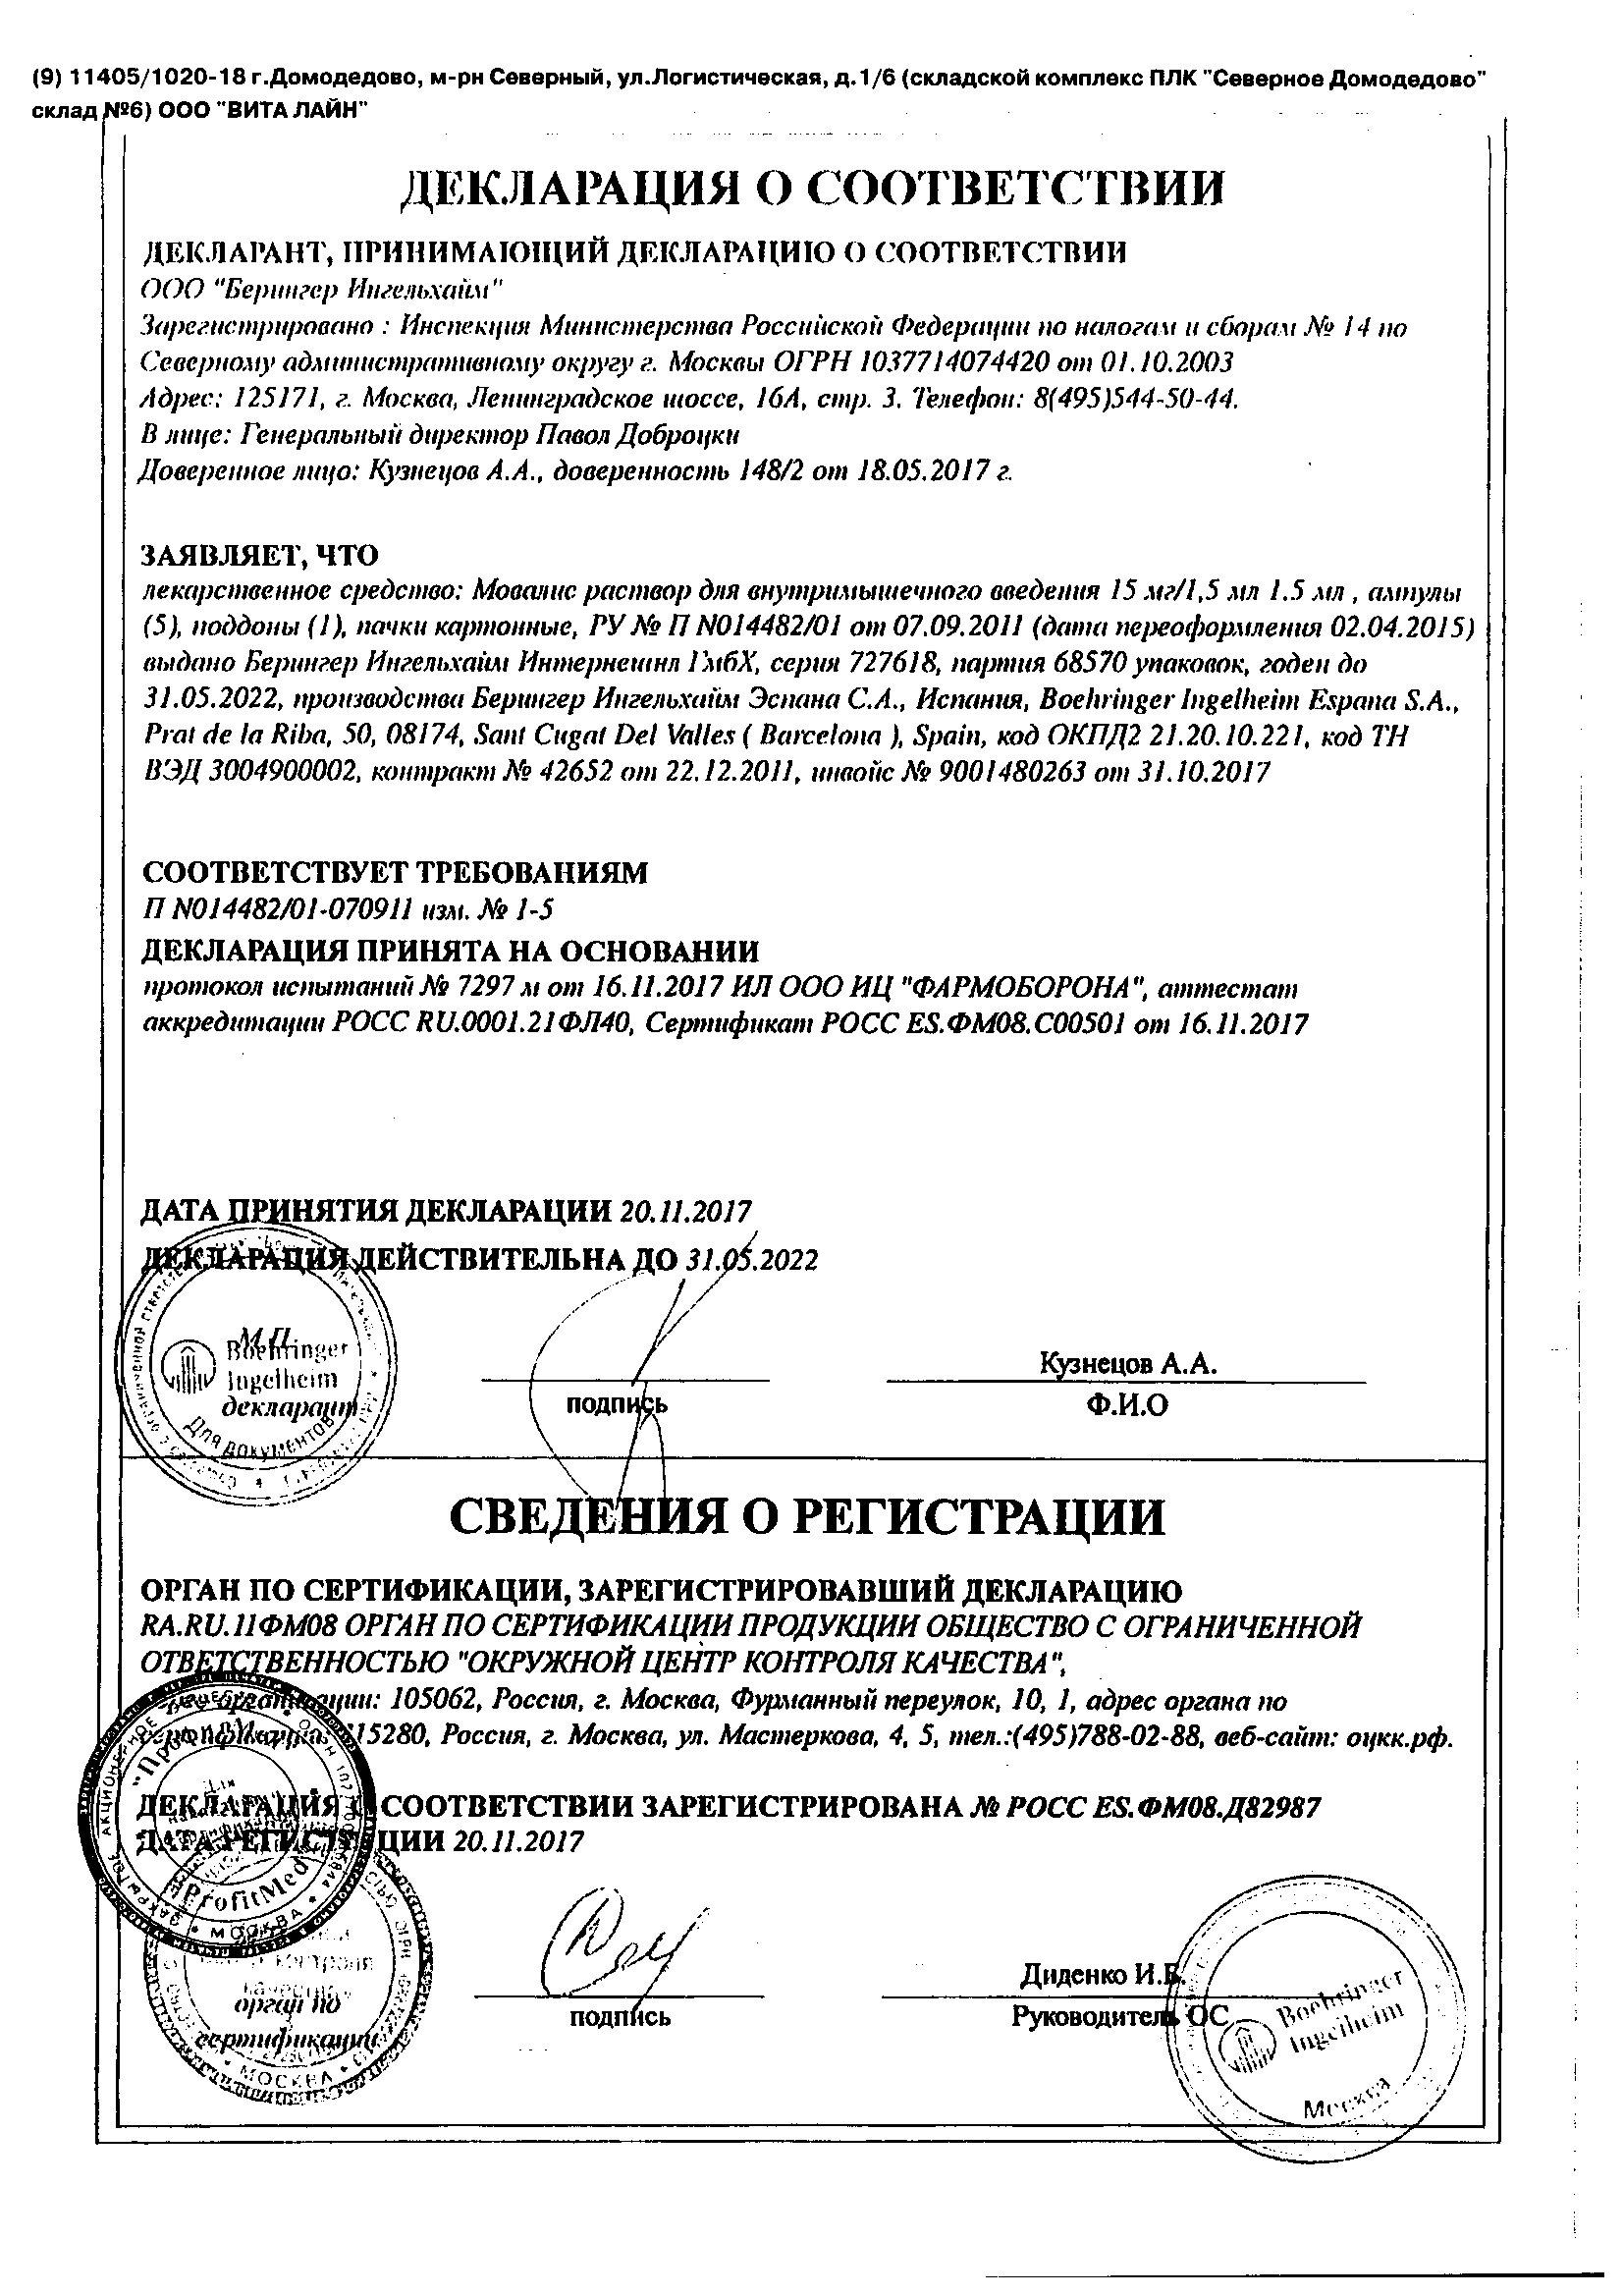 Мовалис: инструкция по применению, аналоги и отзывы, цены в аптеках россии